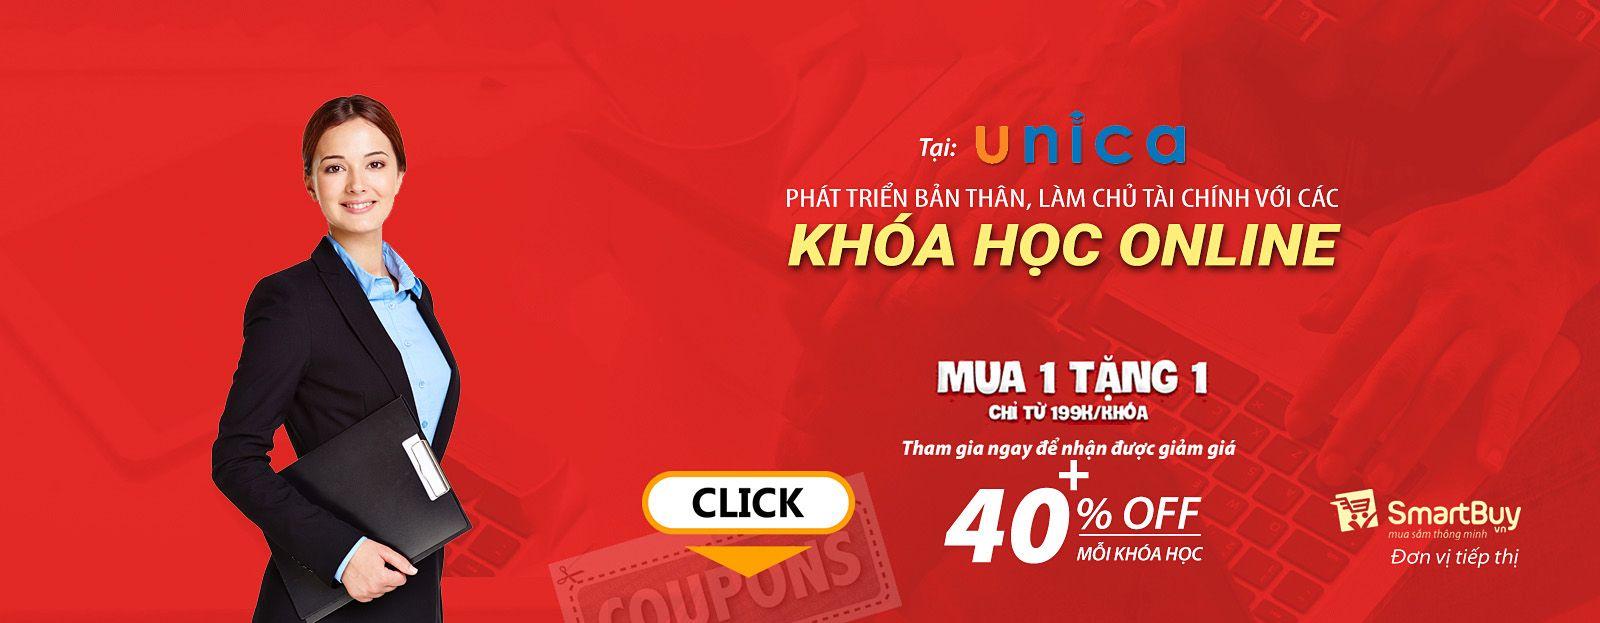 Khóa học trực tuyến cùng Unica